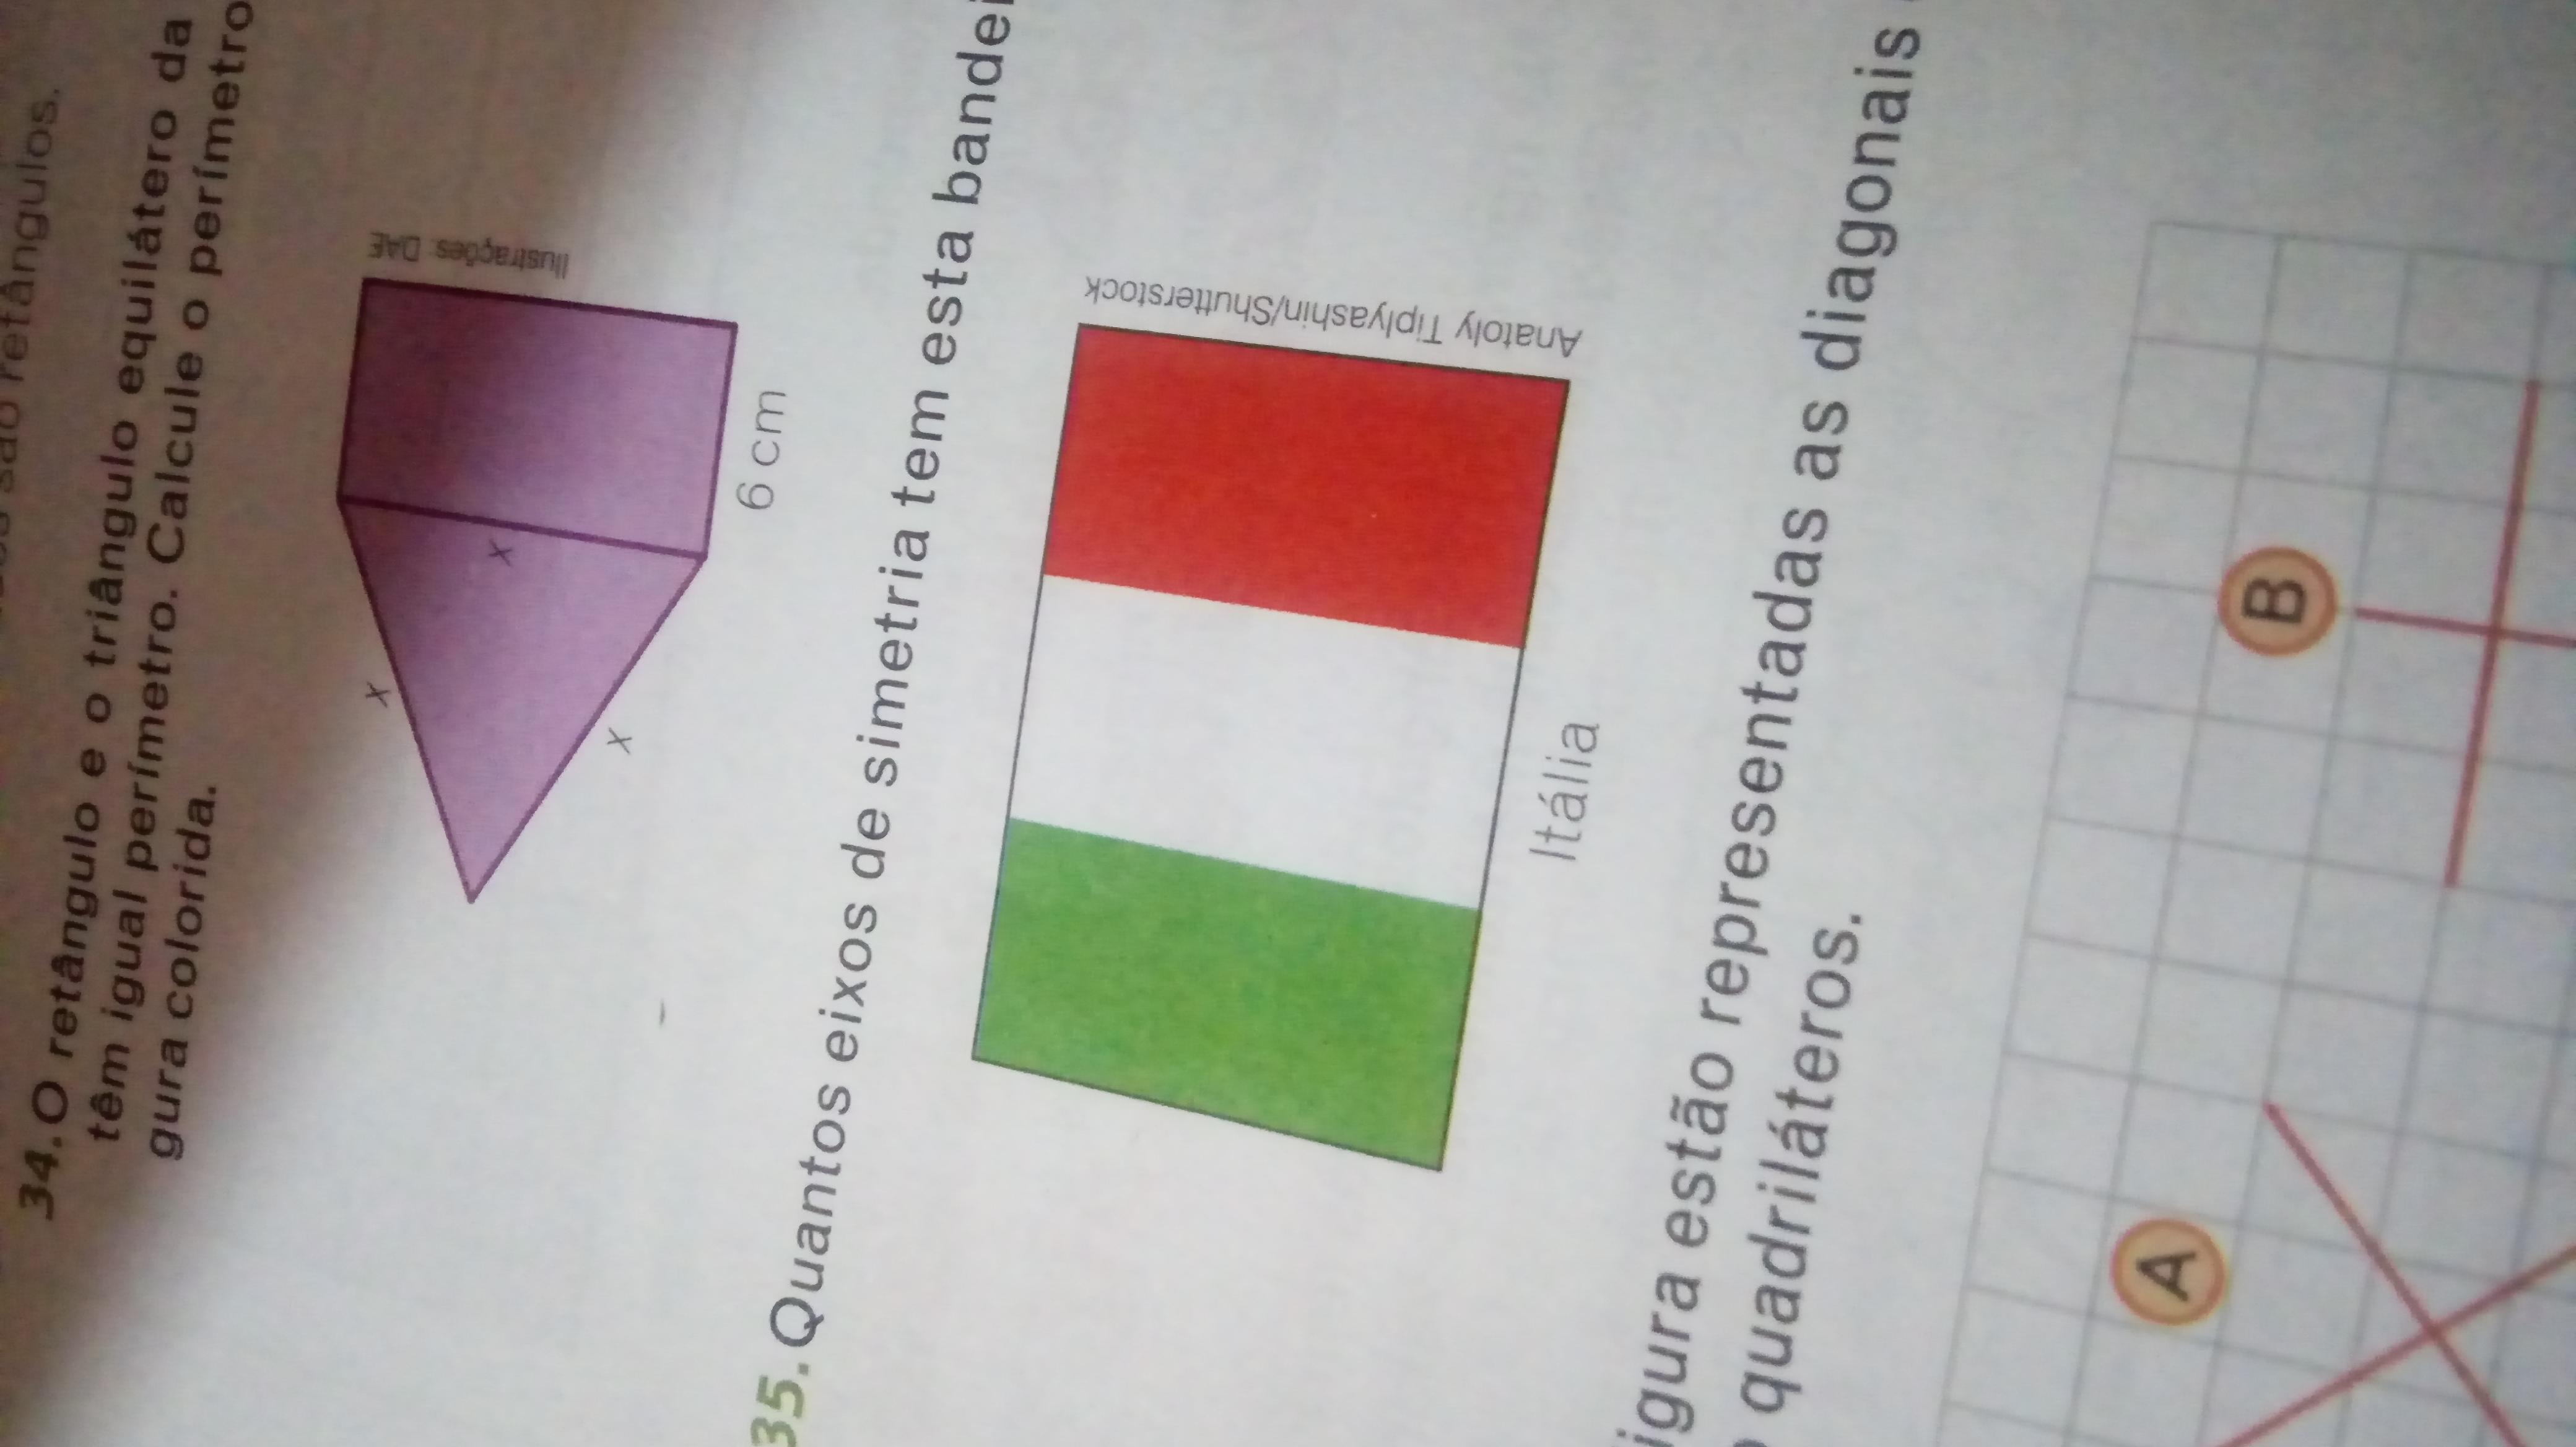 Quantos eixos de simetria tem essa bandeira - Brainly.com.br 00c5b2181fdb2